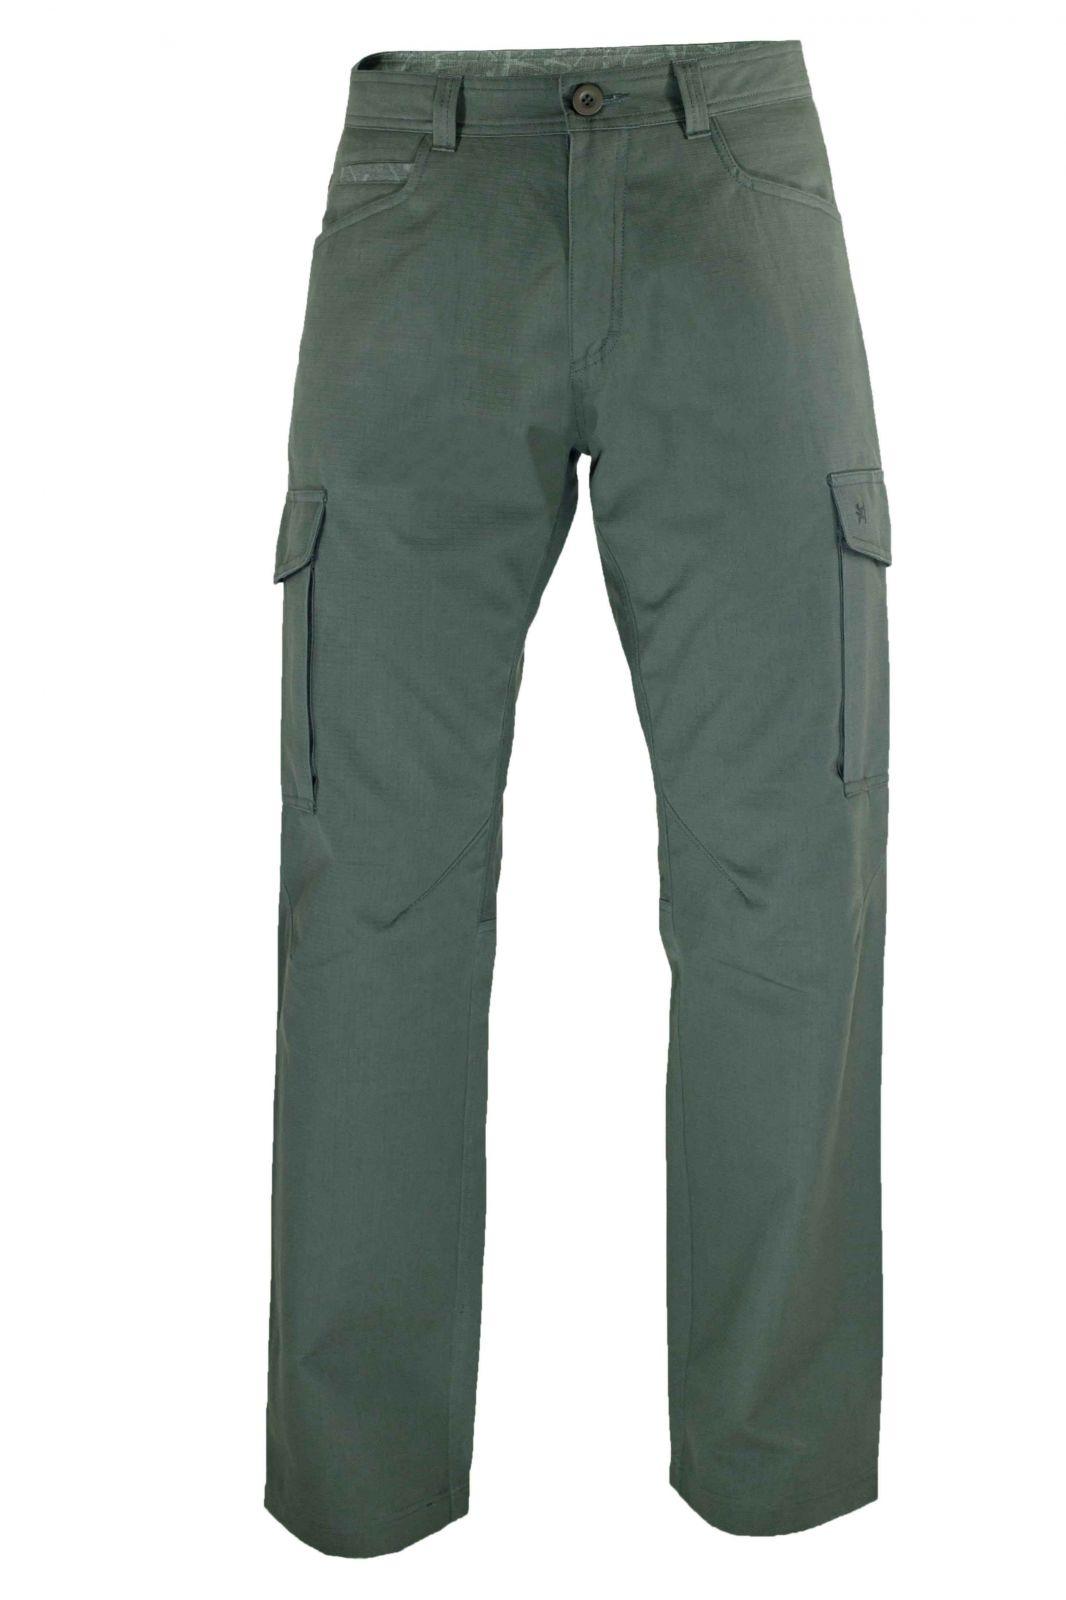 Warmpeace Travers grey pánské kalhoty z vyšší gramáže